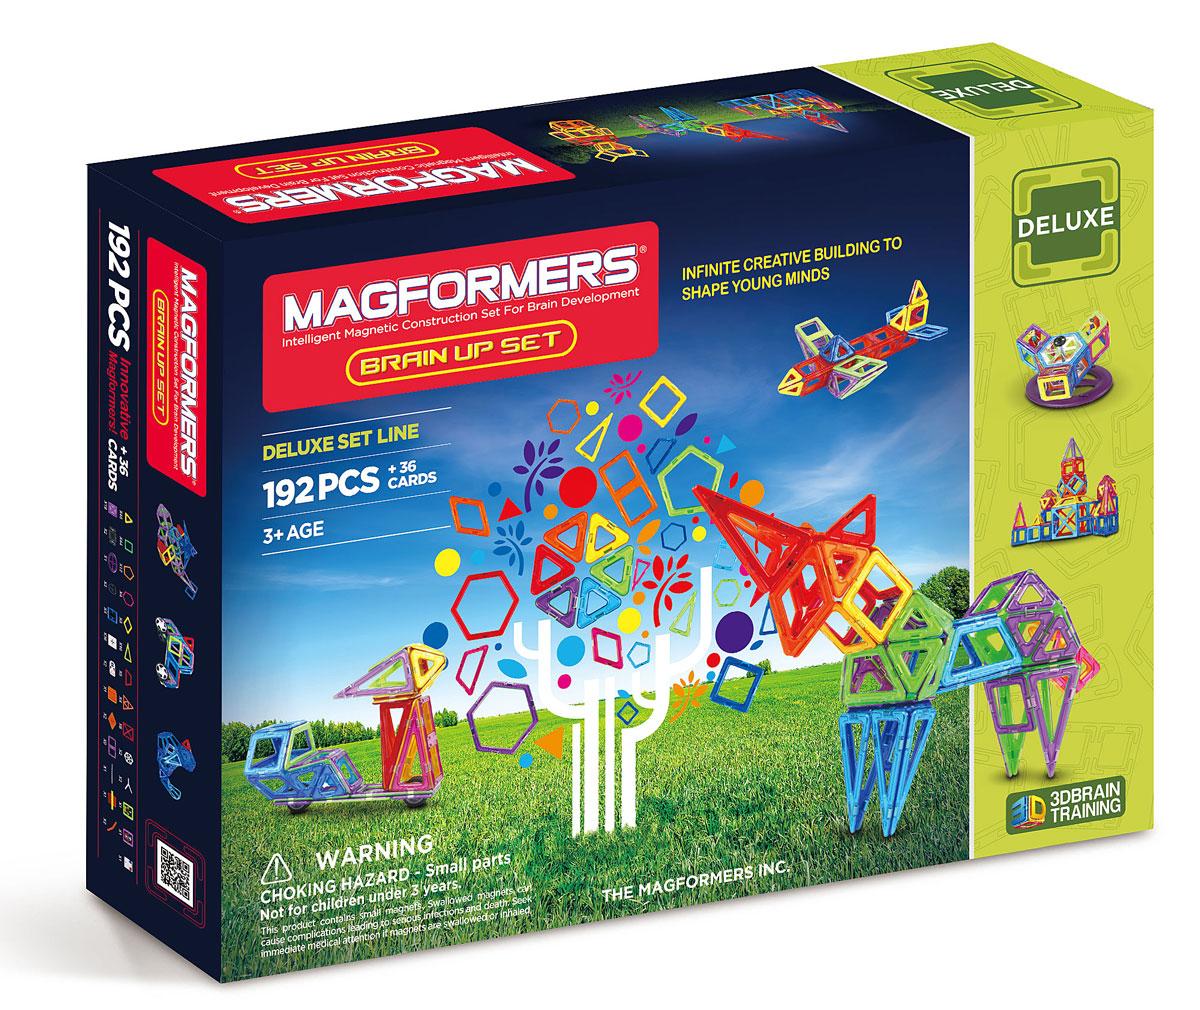 Magformers Магнитный конструктор Brain Up Set63083Magformers Brain Up, по сути, уникален. Приобретя его, вам останется только окунуться в мир фантазии и великих приключений. Набор-мечта! Набор Magformers Brain Up Set содержит 228 элементов. Здесь вы найдёте 192 детали и 36 бонусов в виде вставок в квадраты. Magformers Brain up соединил в себе по-крайней мере 5 других наборов - это и XL Cruisers Машины, который позволит вам делать различные виды машин - от самых простых до затейливых и необычных. И XL Cruisers Строители - с ним мир строительной техники и дорожных служб будет для Вас открыт. Также вы найдете здесь элементы из XL Cruisers Службы Спасения, а это значит, что ваш ребенок сможет строить различную спасательную технику и чувствовать себя настоящим героем. А с Magformers Карнавал вам откроется мир волшебства, каруселей, праздника и магических фигур, ну а Super Magformers 30 подойдет для возведения супер башен, громадных домов и прочего. Такой подарок обрадует своей многосторонностью абсолютно любого...